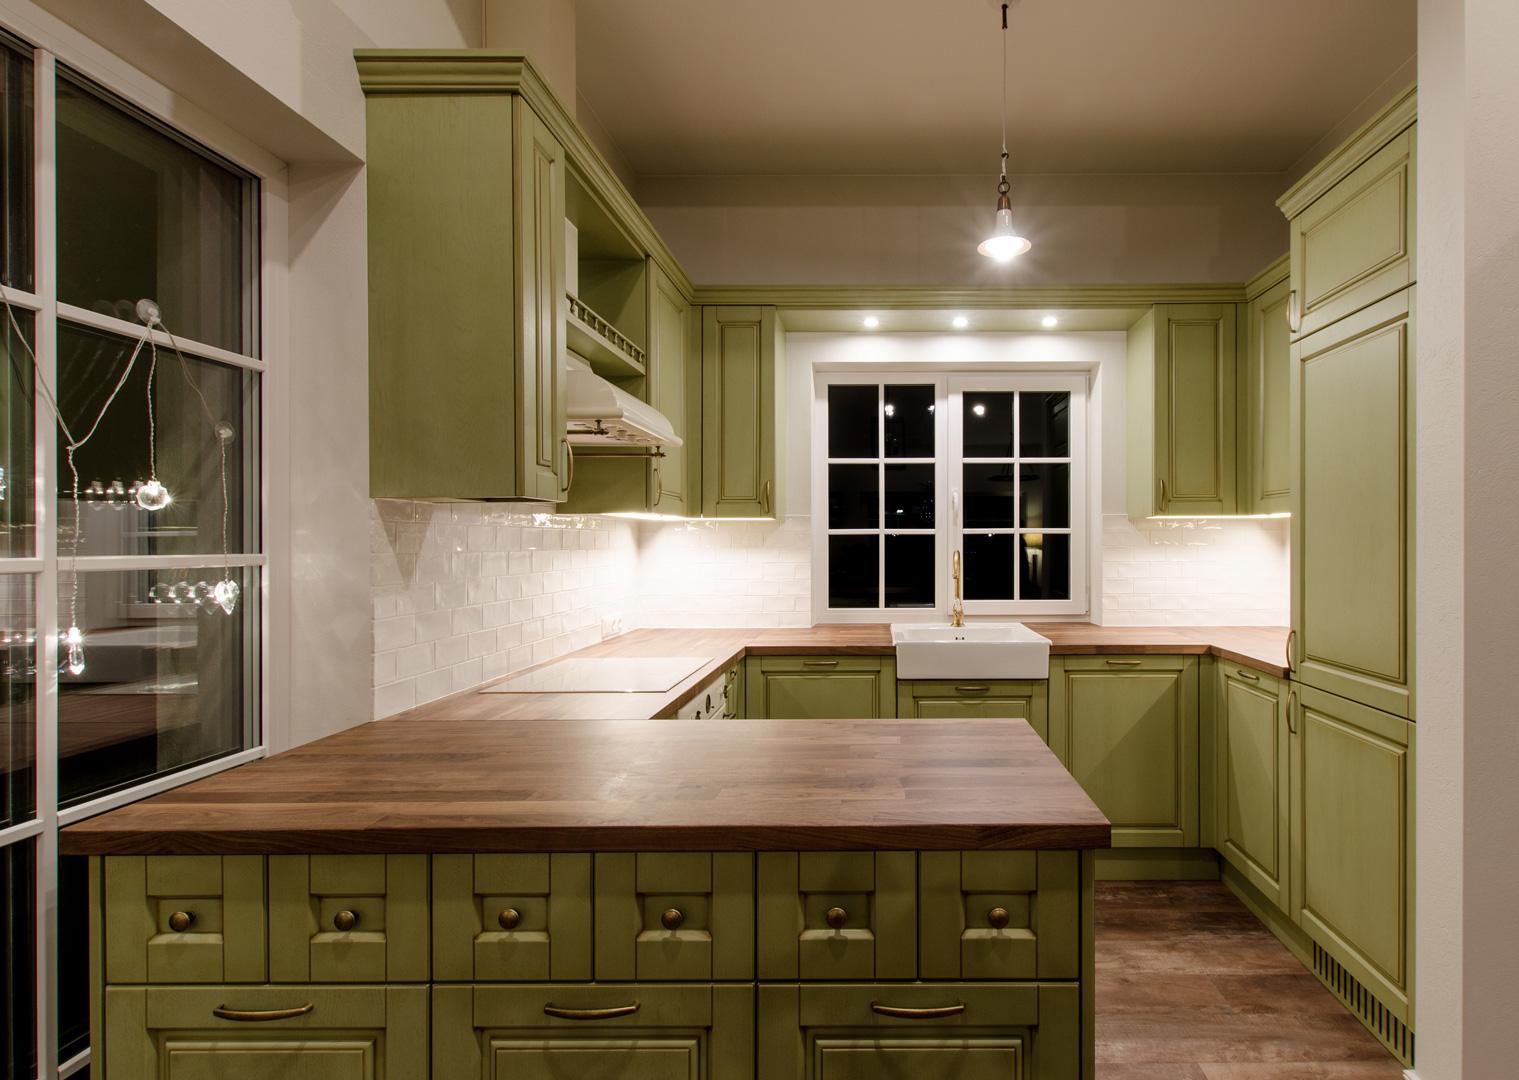 5_old_kitchen_design_ideas